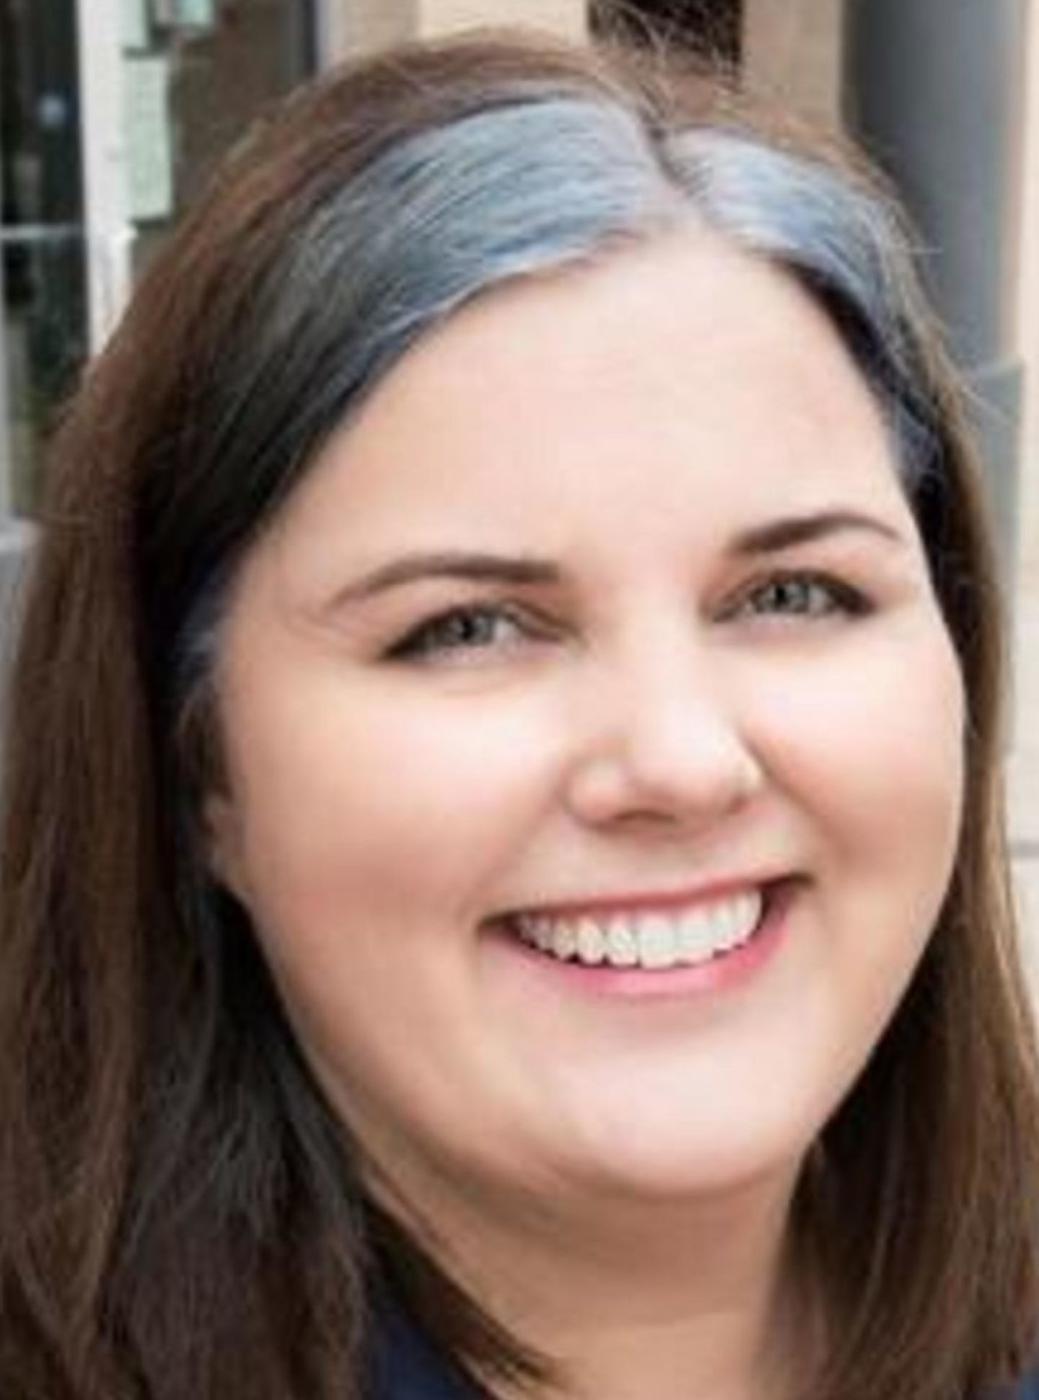 Michelle Beckley